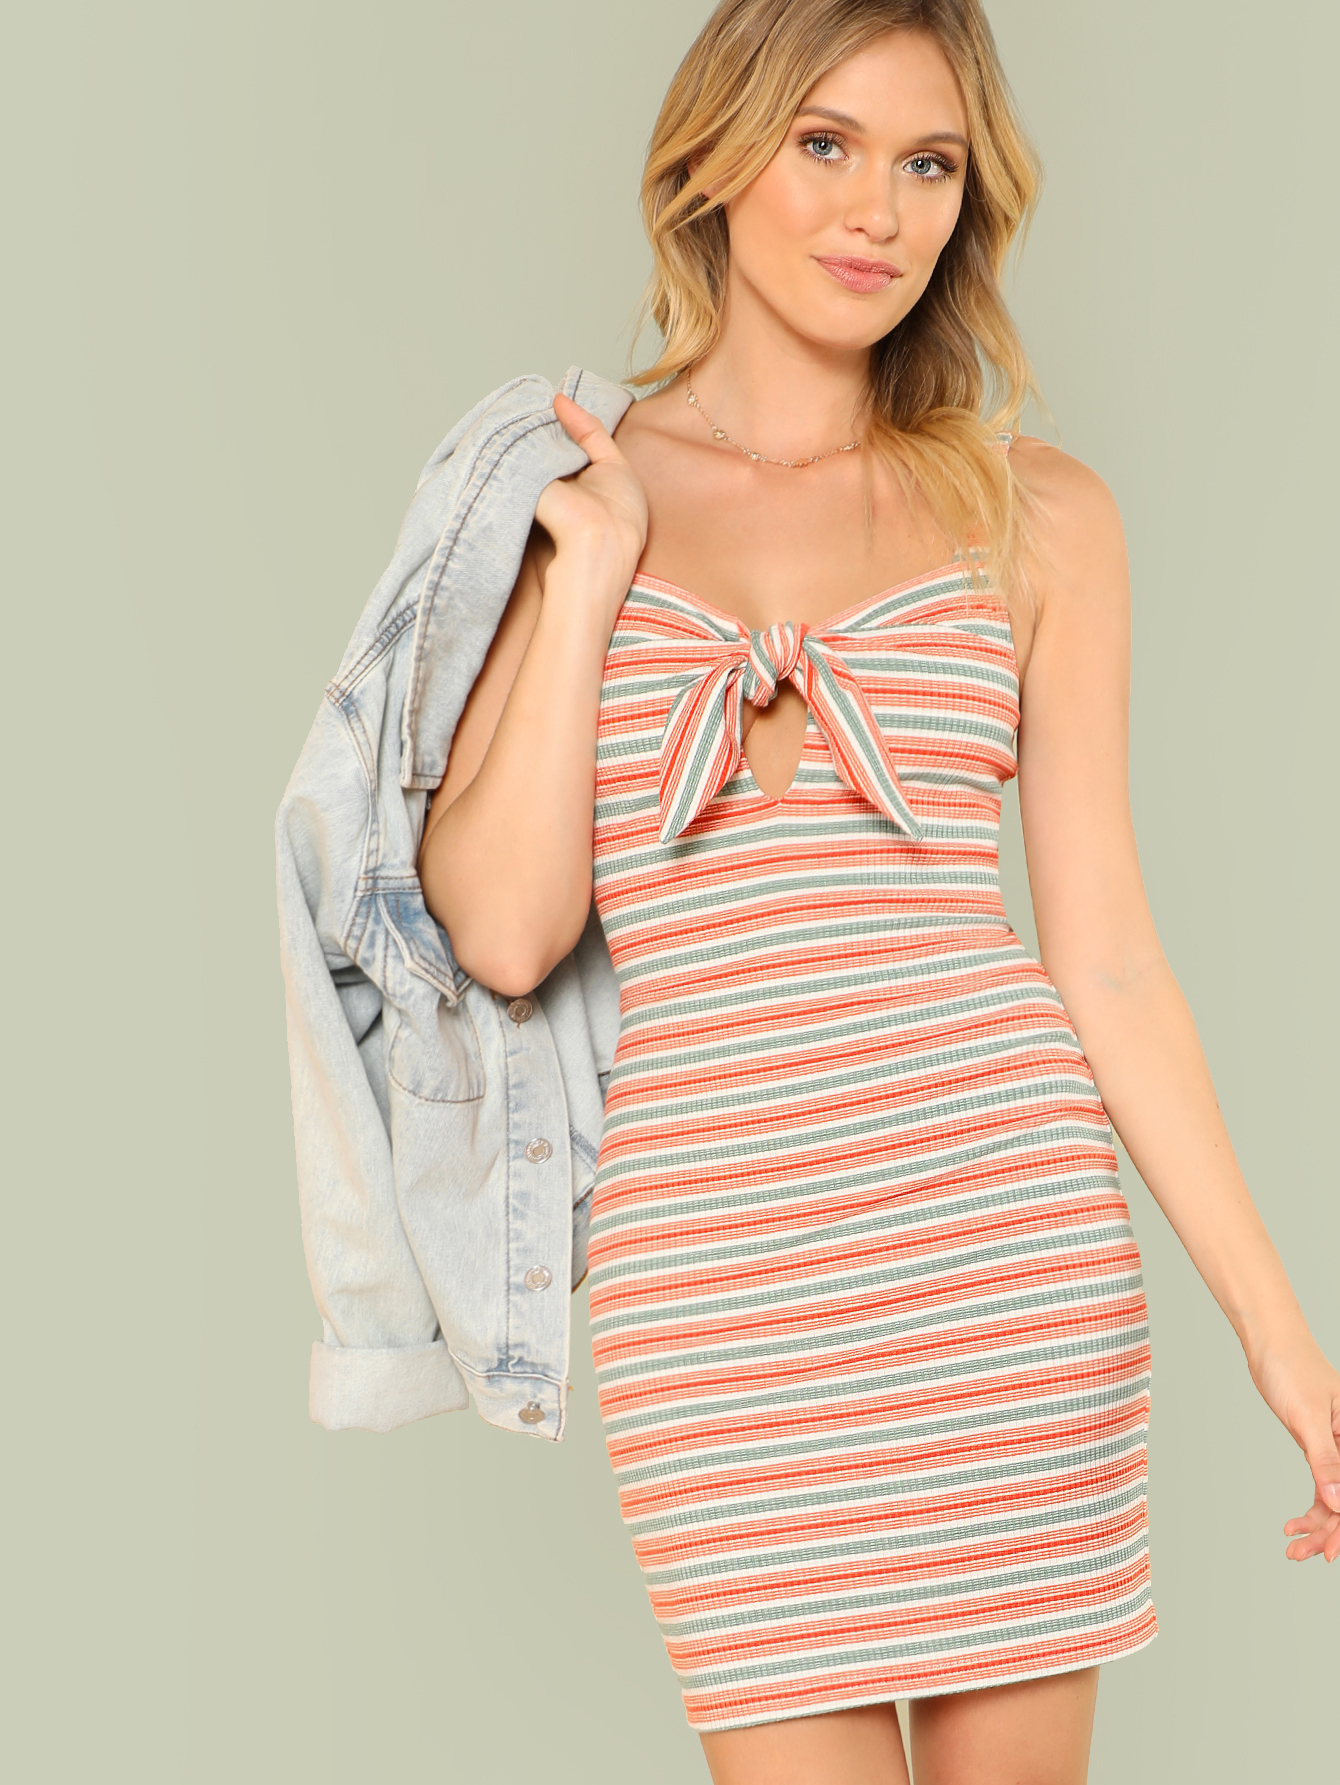 Купить Платье с полосками в рубчик с вырезами, Noelle Brown, SheIn